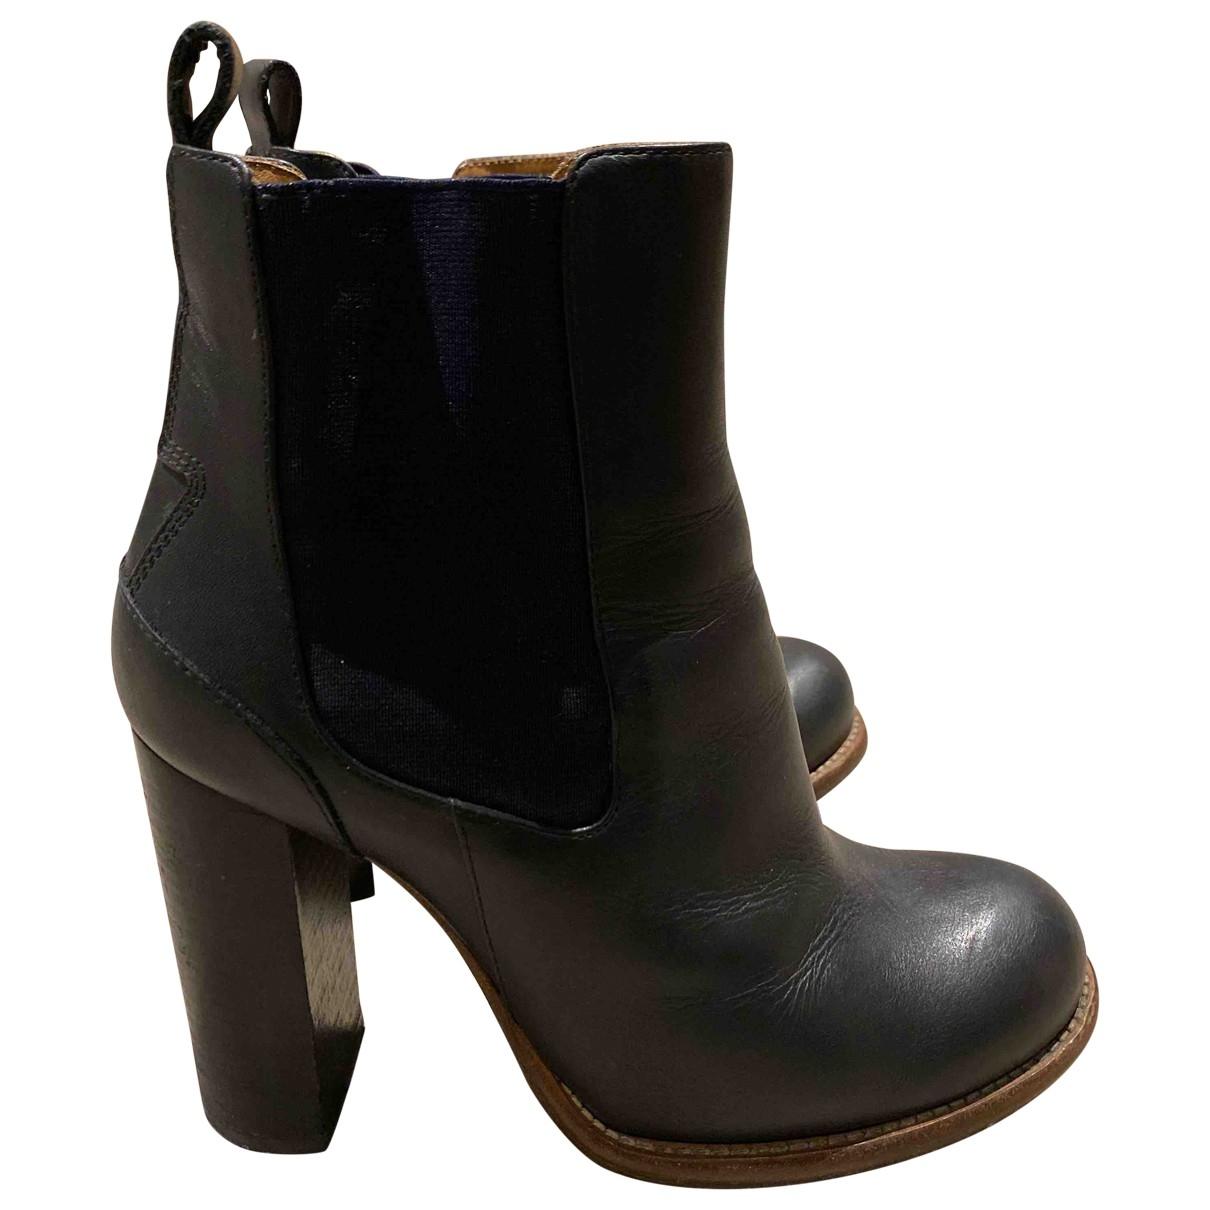 Chloe - Boots   pour femme en cuir - bleu